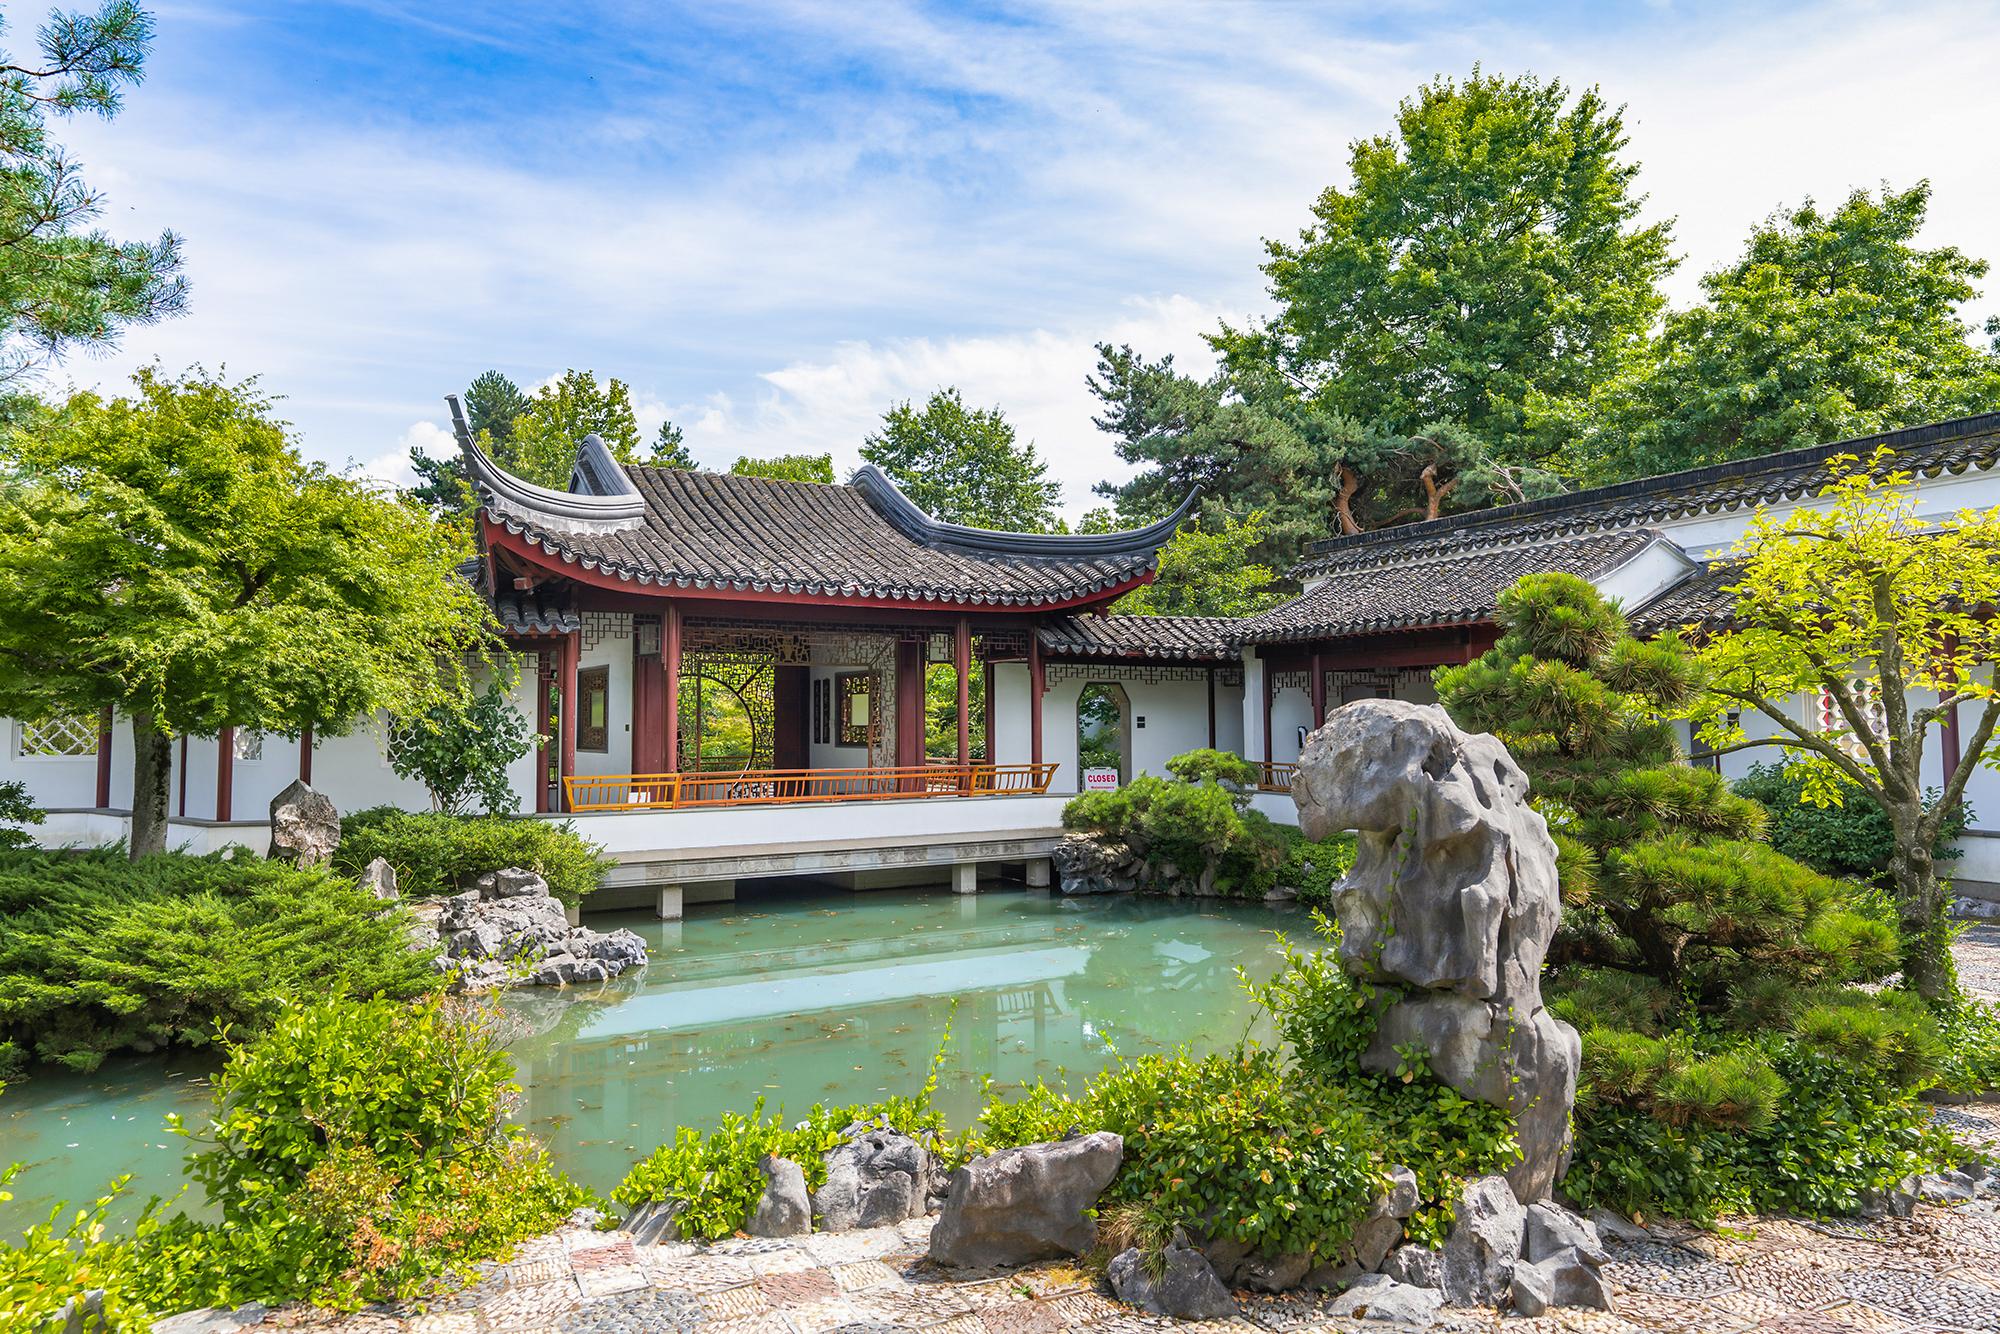 Jade Water Pavilion at Dr. Sun Yat-Sen Classical Chinese Garden.